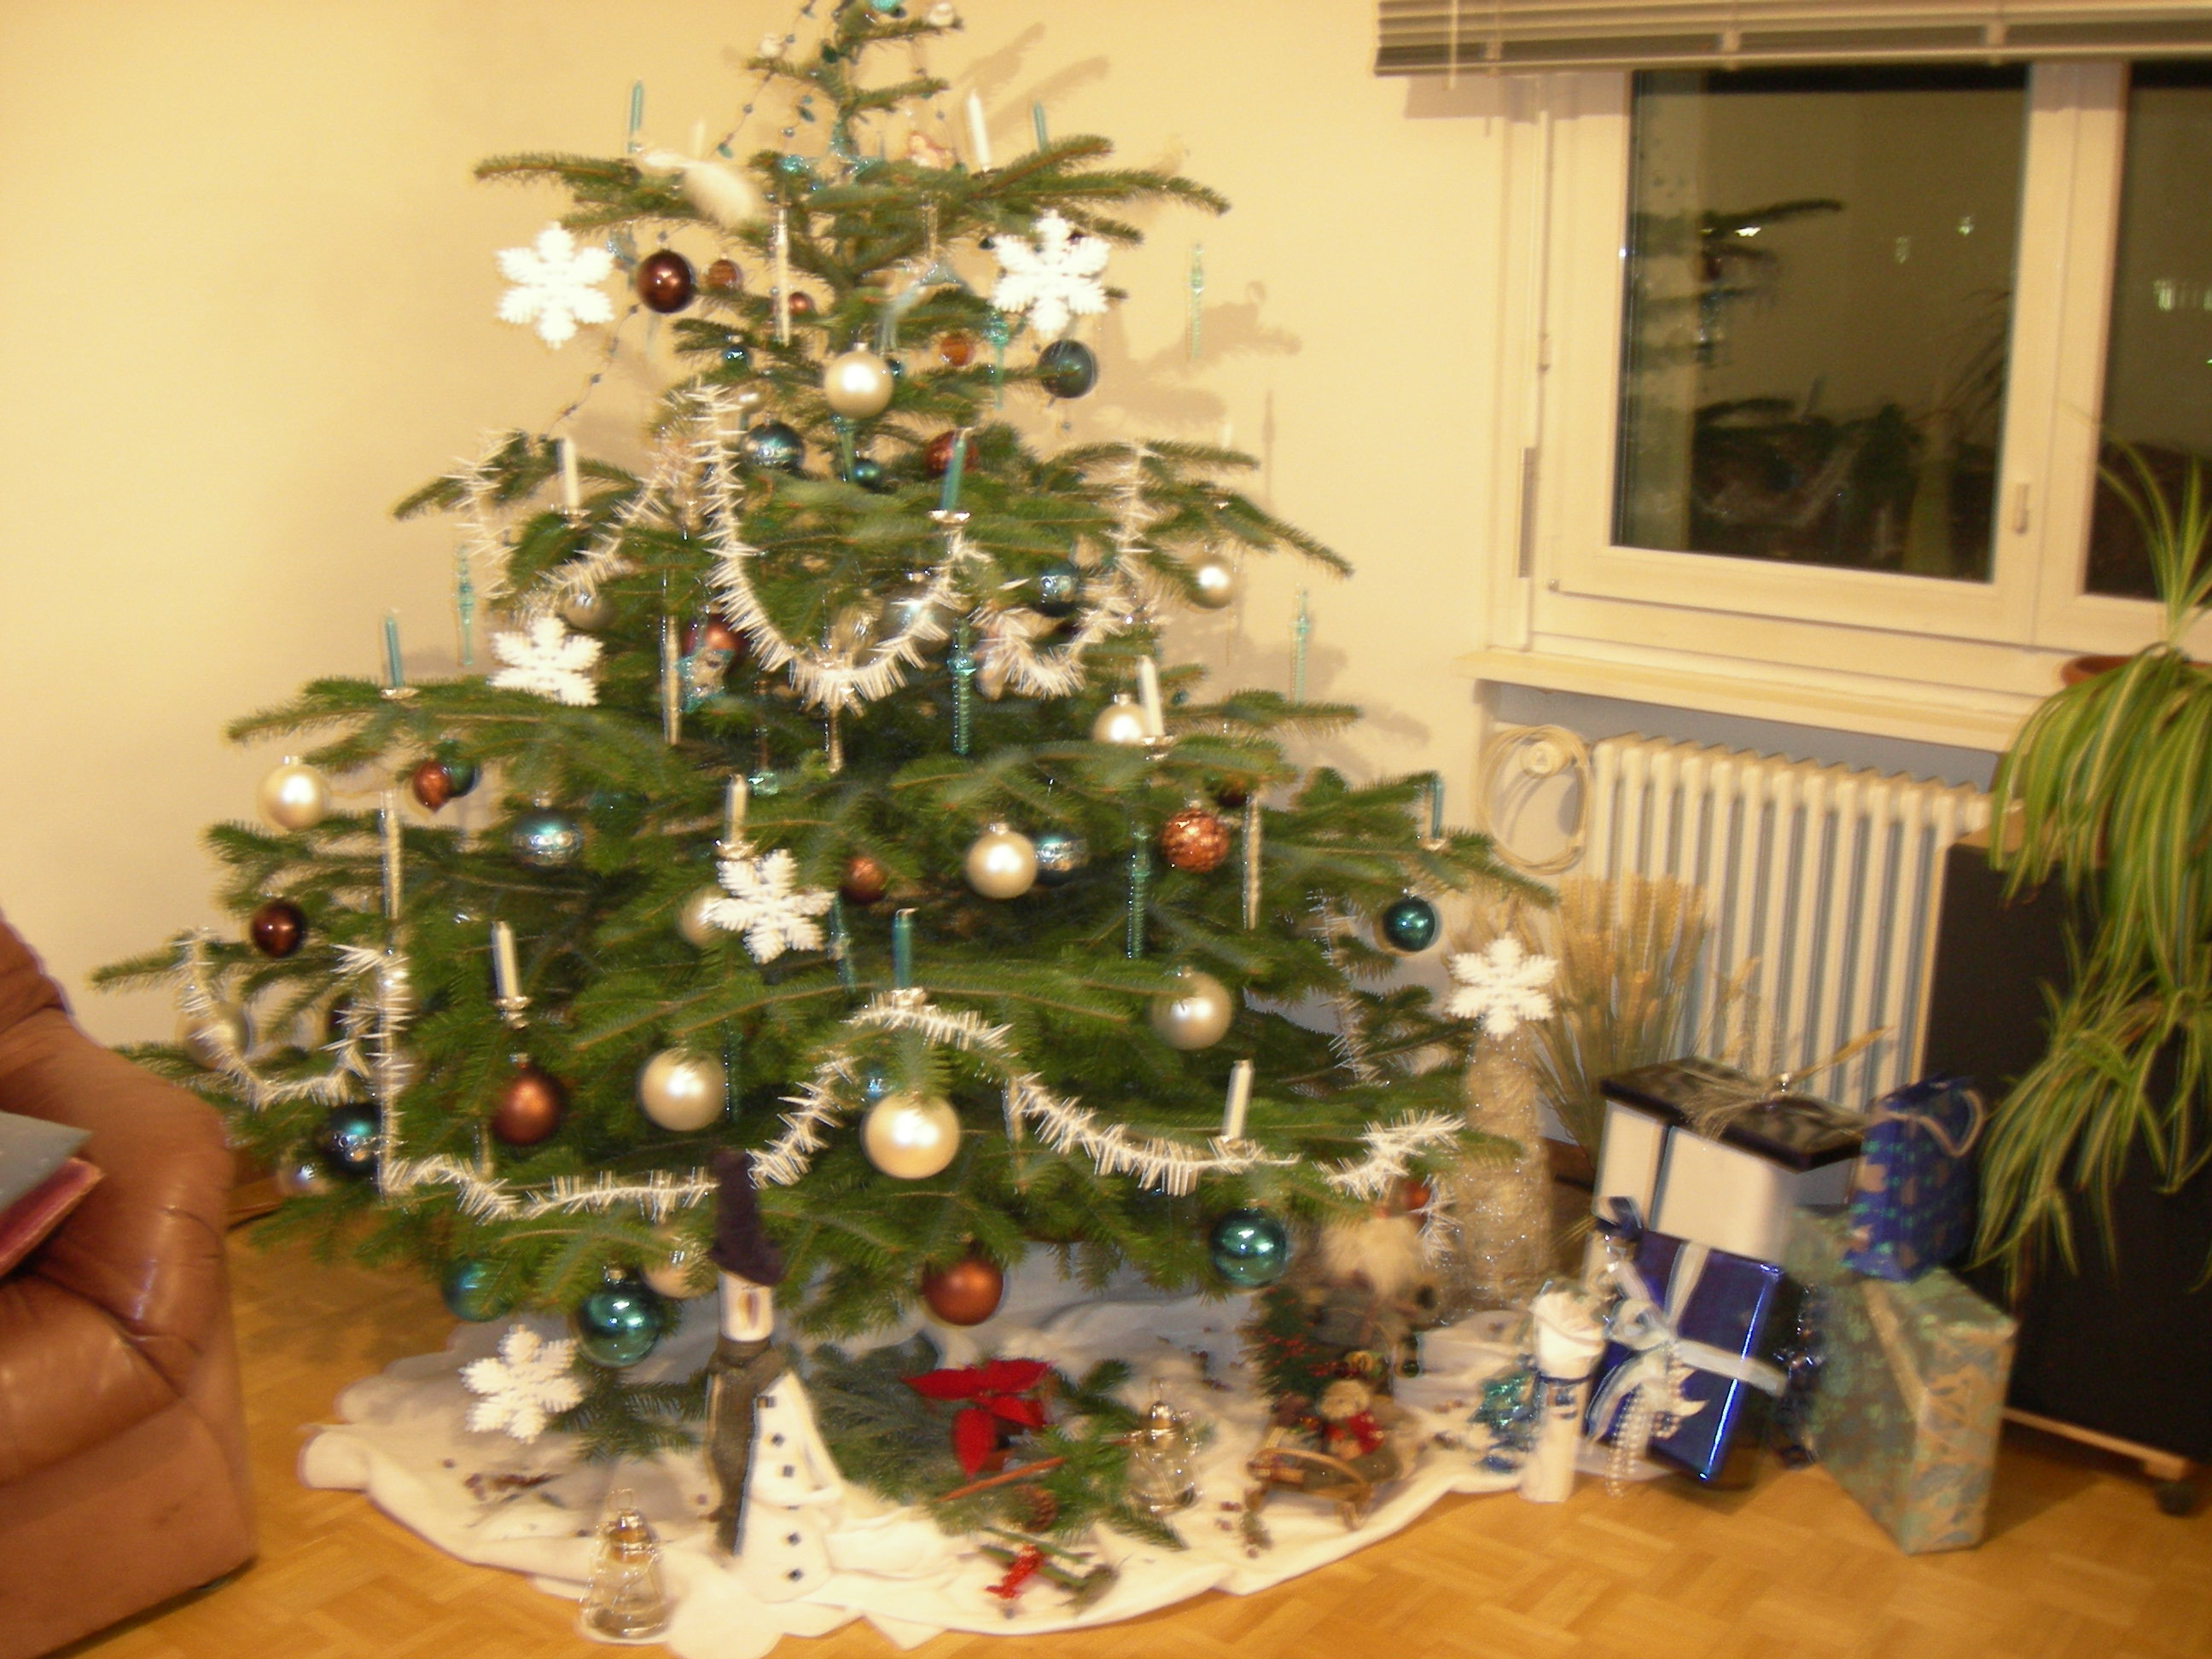 wie schm ckt ihr eure weihnachtsb ume freizeitvergn gen forum. Black Bedroom Furniture Sets. Home Design Ideas